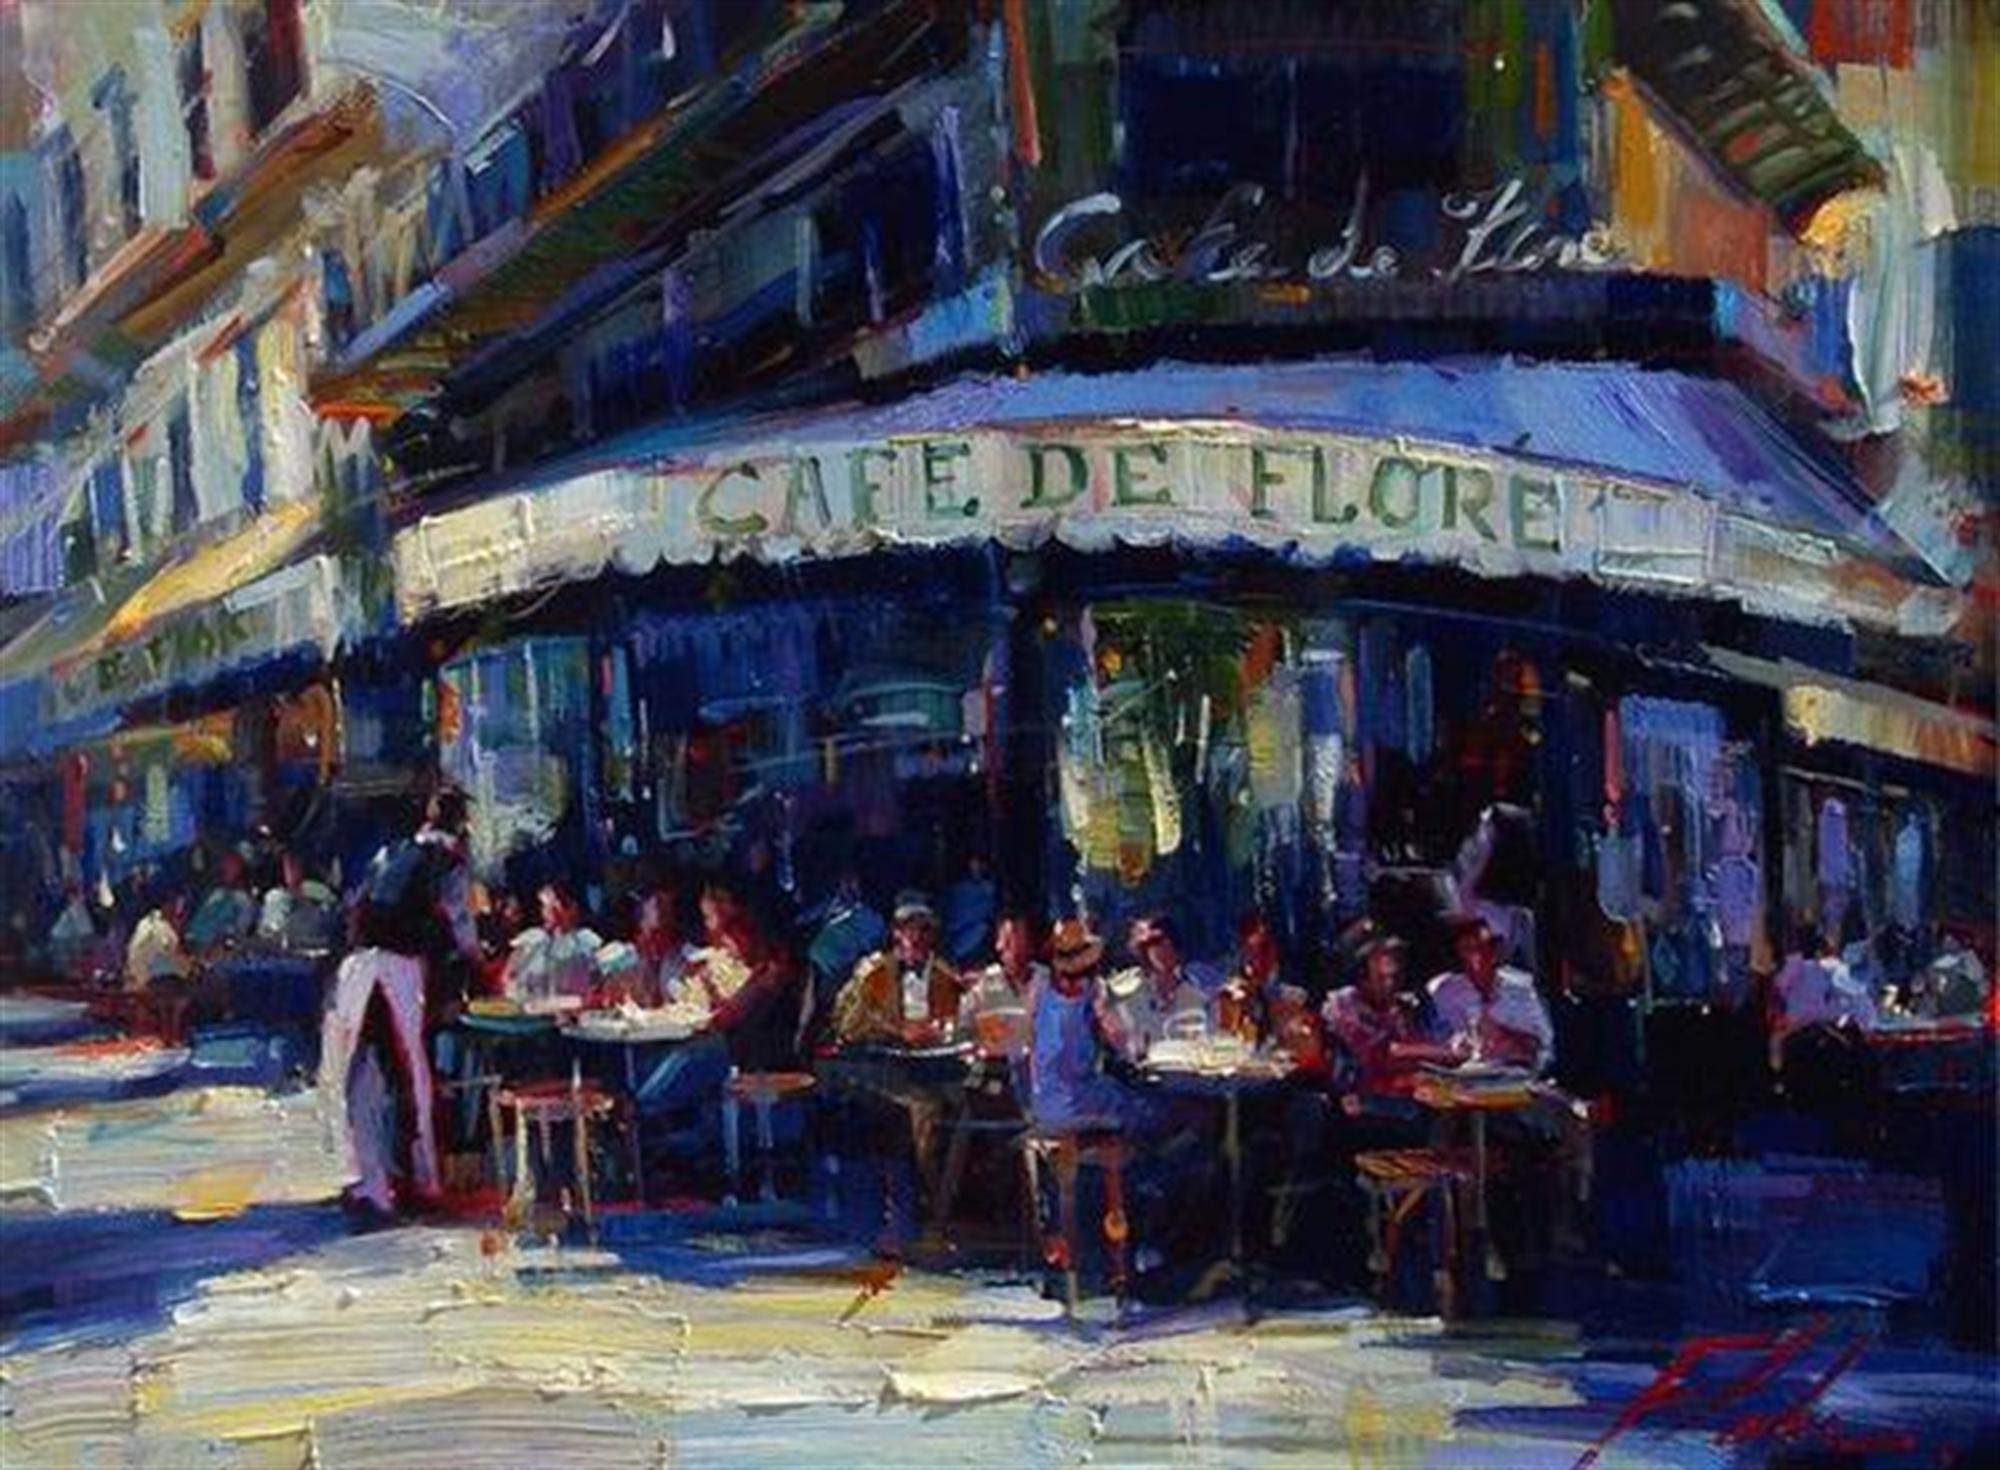 Cafe de Flore by Michael Flohr